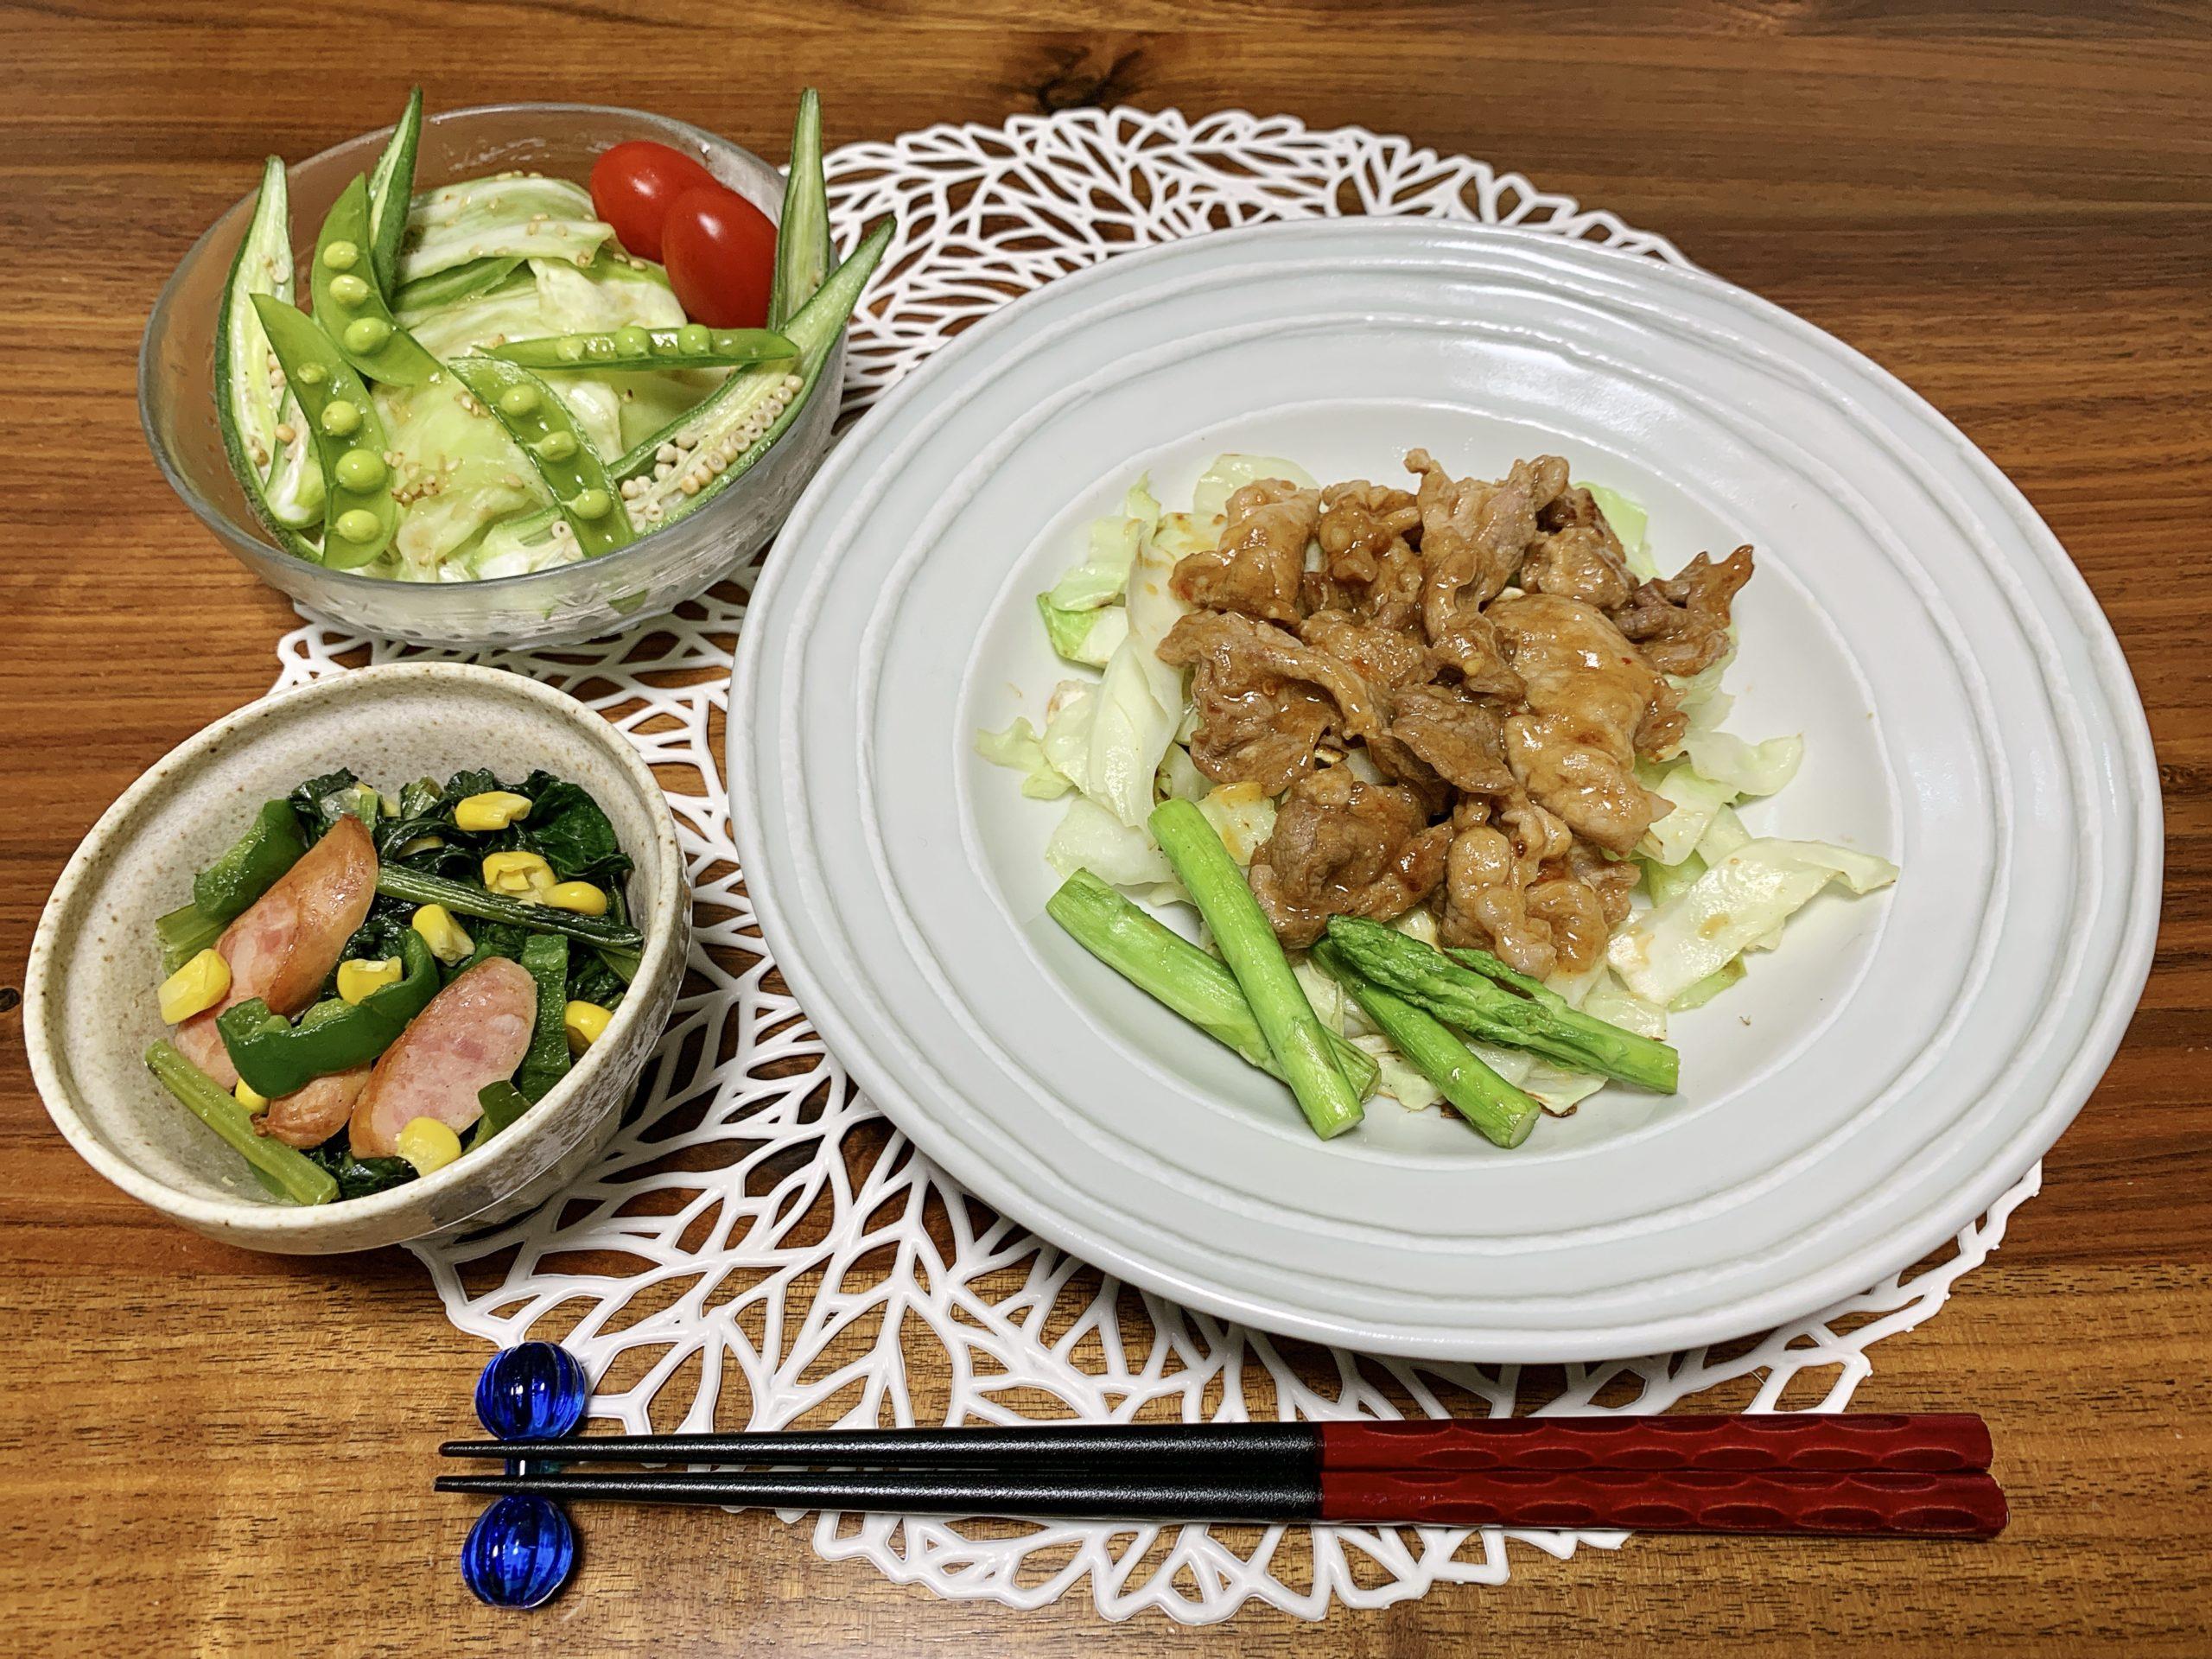 「Yuuのラクうま♡ベストレシピ」から選んだ「キャベツと豚こまのスタミナみそ炒め」をメインメニューにした献立です。